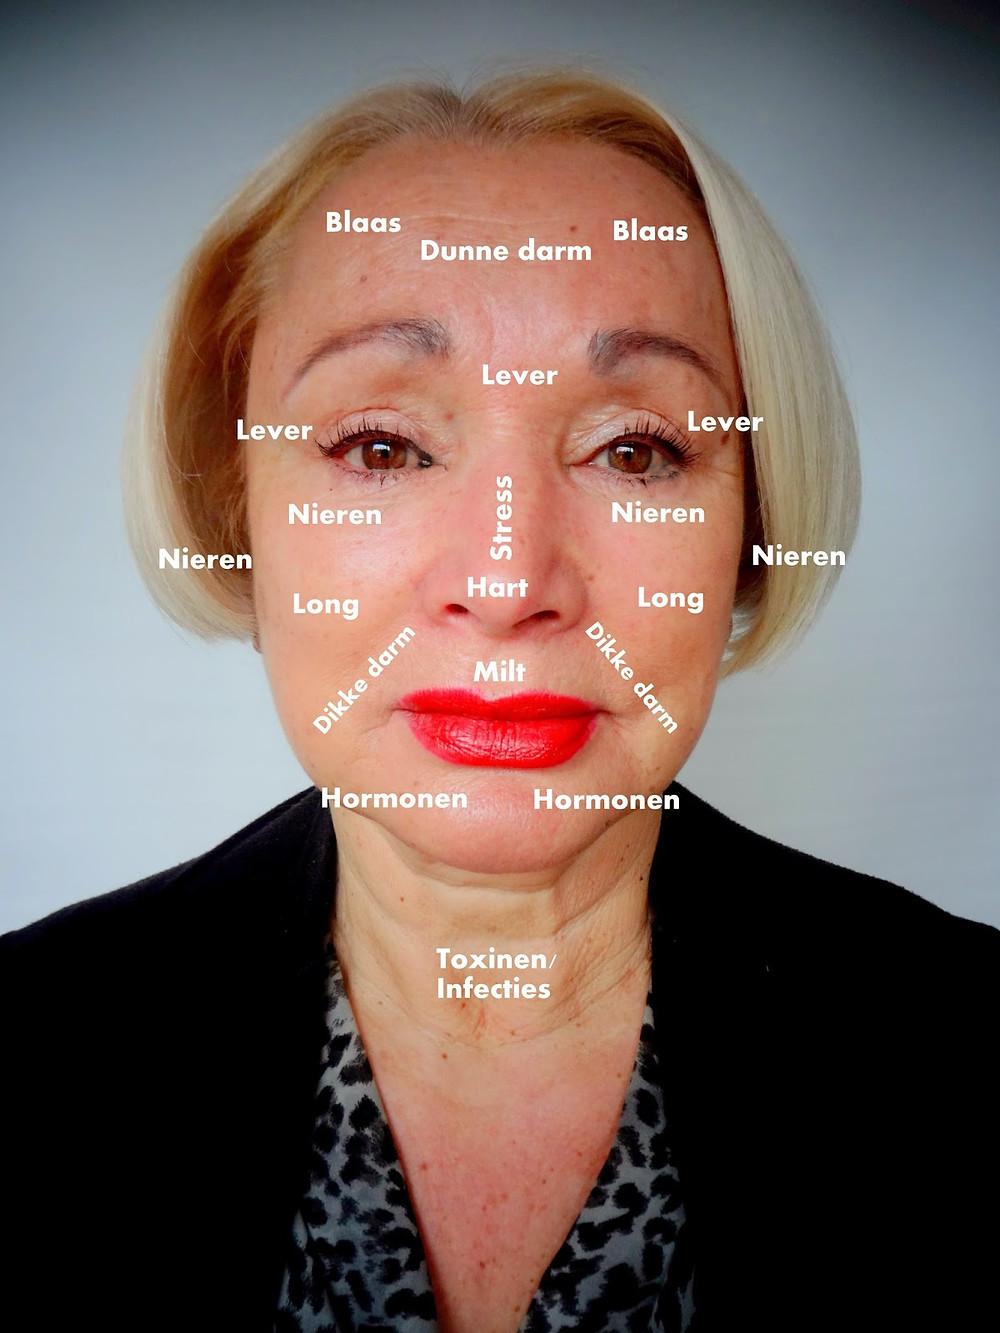 De zones die men gebruikt bij het face mapping.